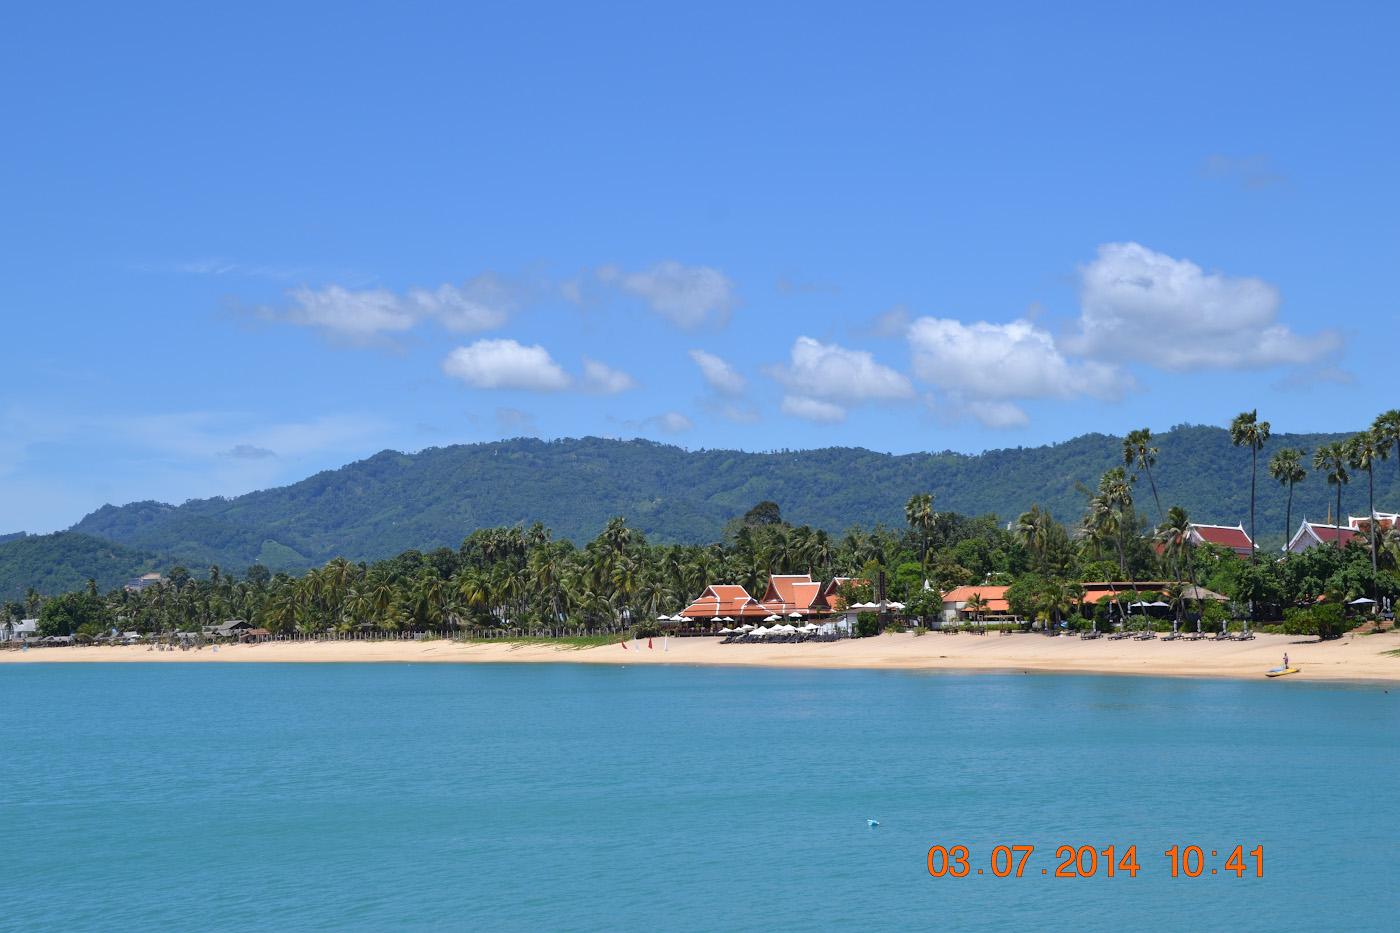 Фотография 3. Вид на пляж Маенам (Maenam Beach) на острове Самуи (Koh Samui). Отчеты о самостоятельном отдыхе в Таиланде. 1/320, 9.0, 100, 42.